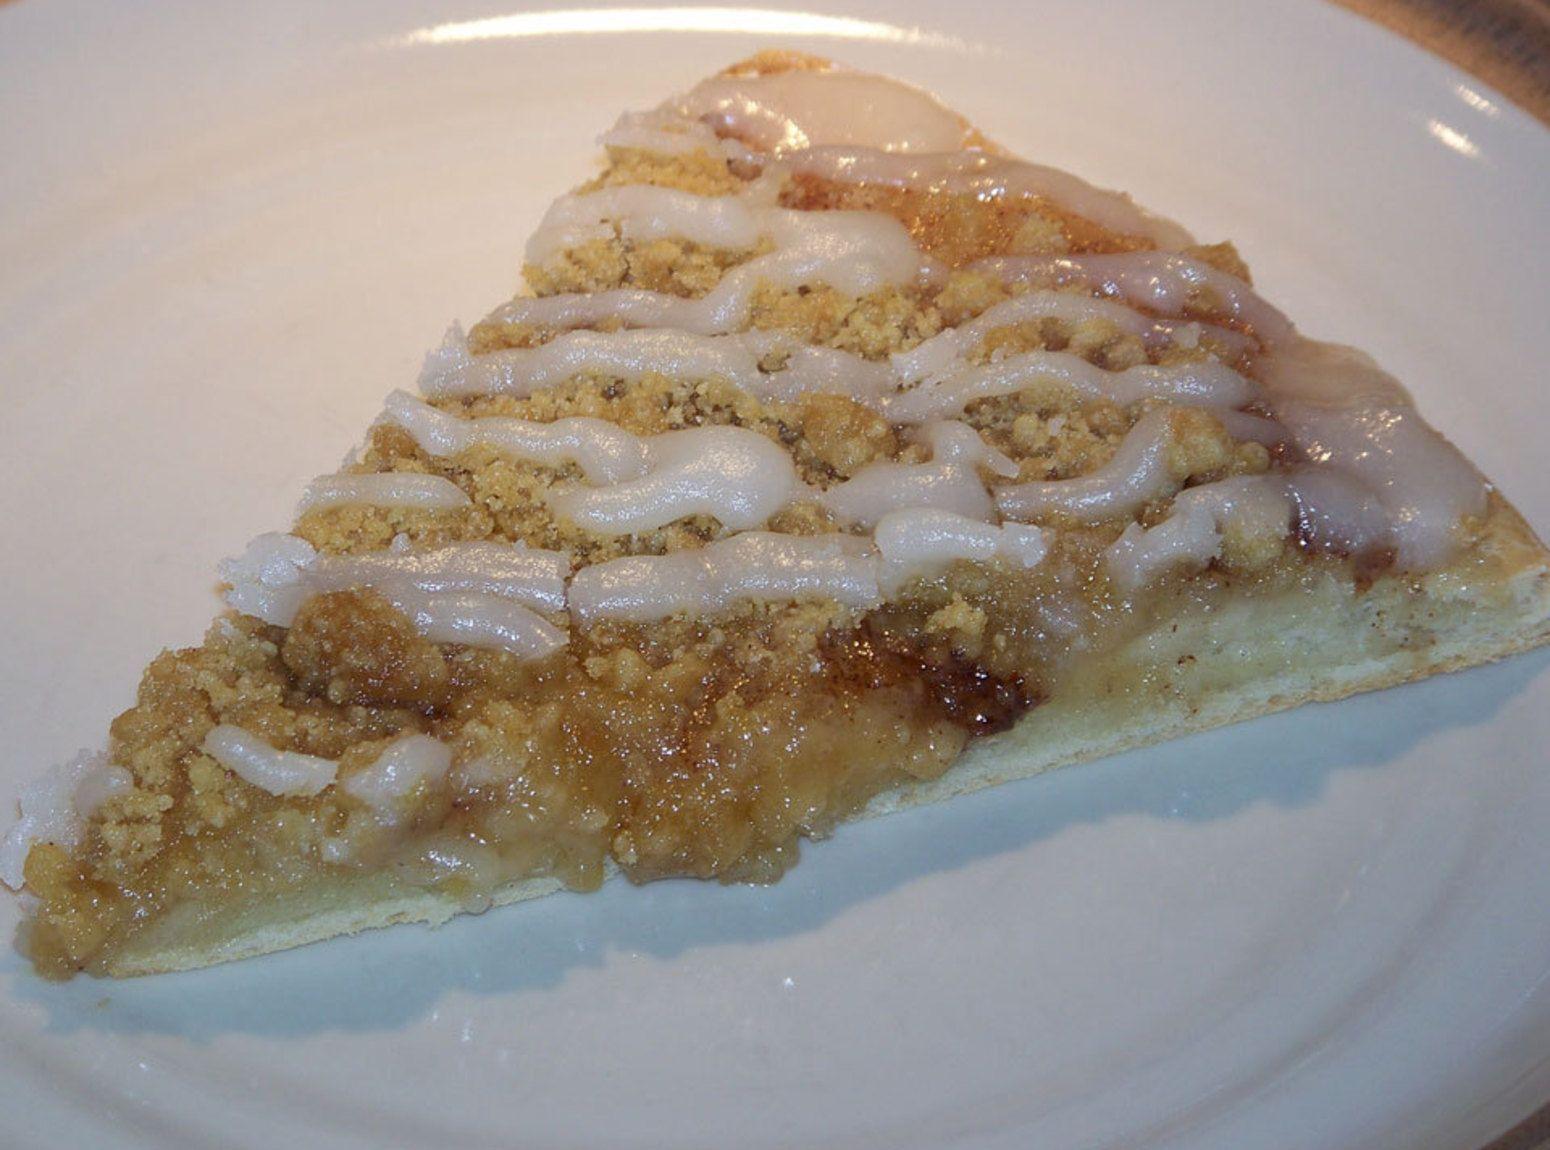 Pizza Hut Apple Pie >> Apple Or Cherry Pie Dessert Pizza